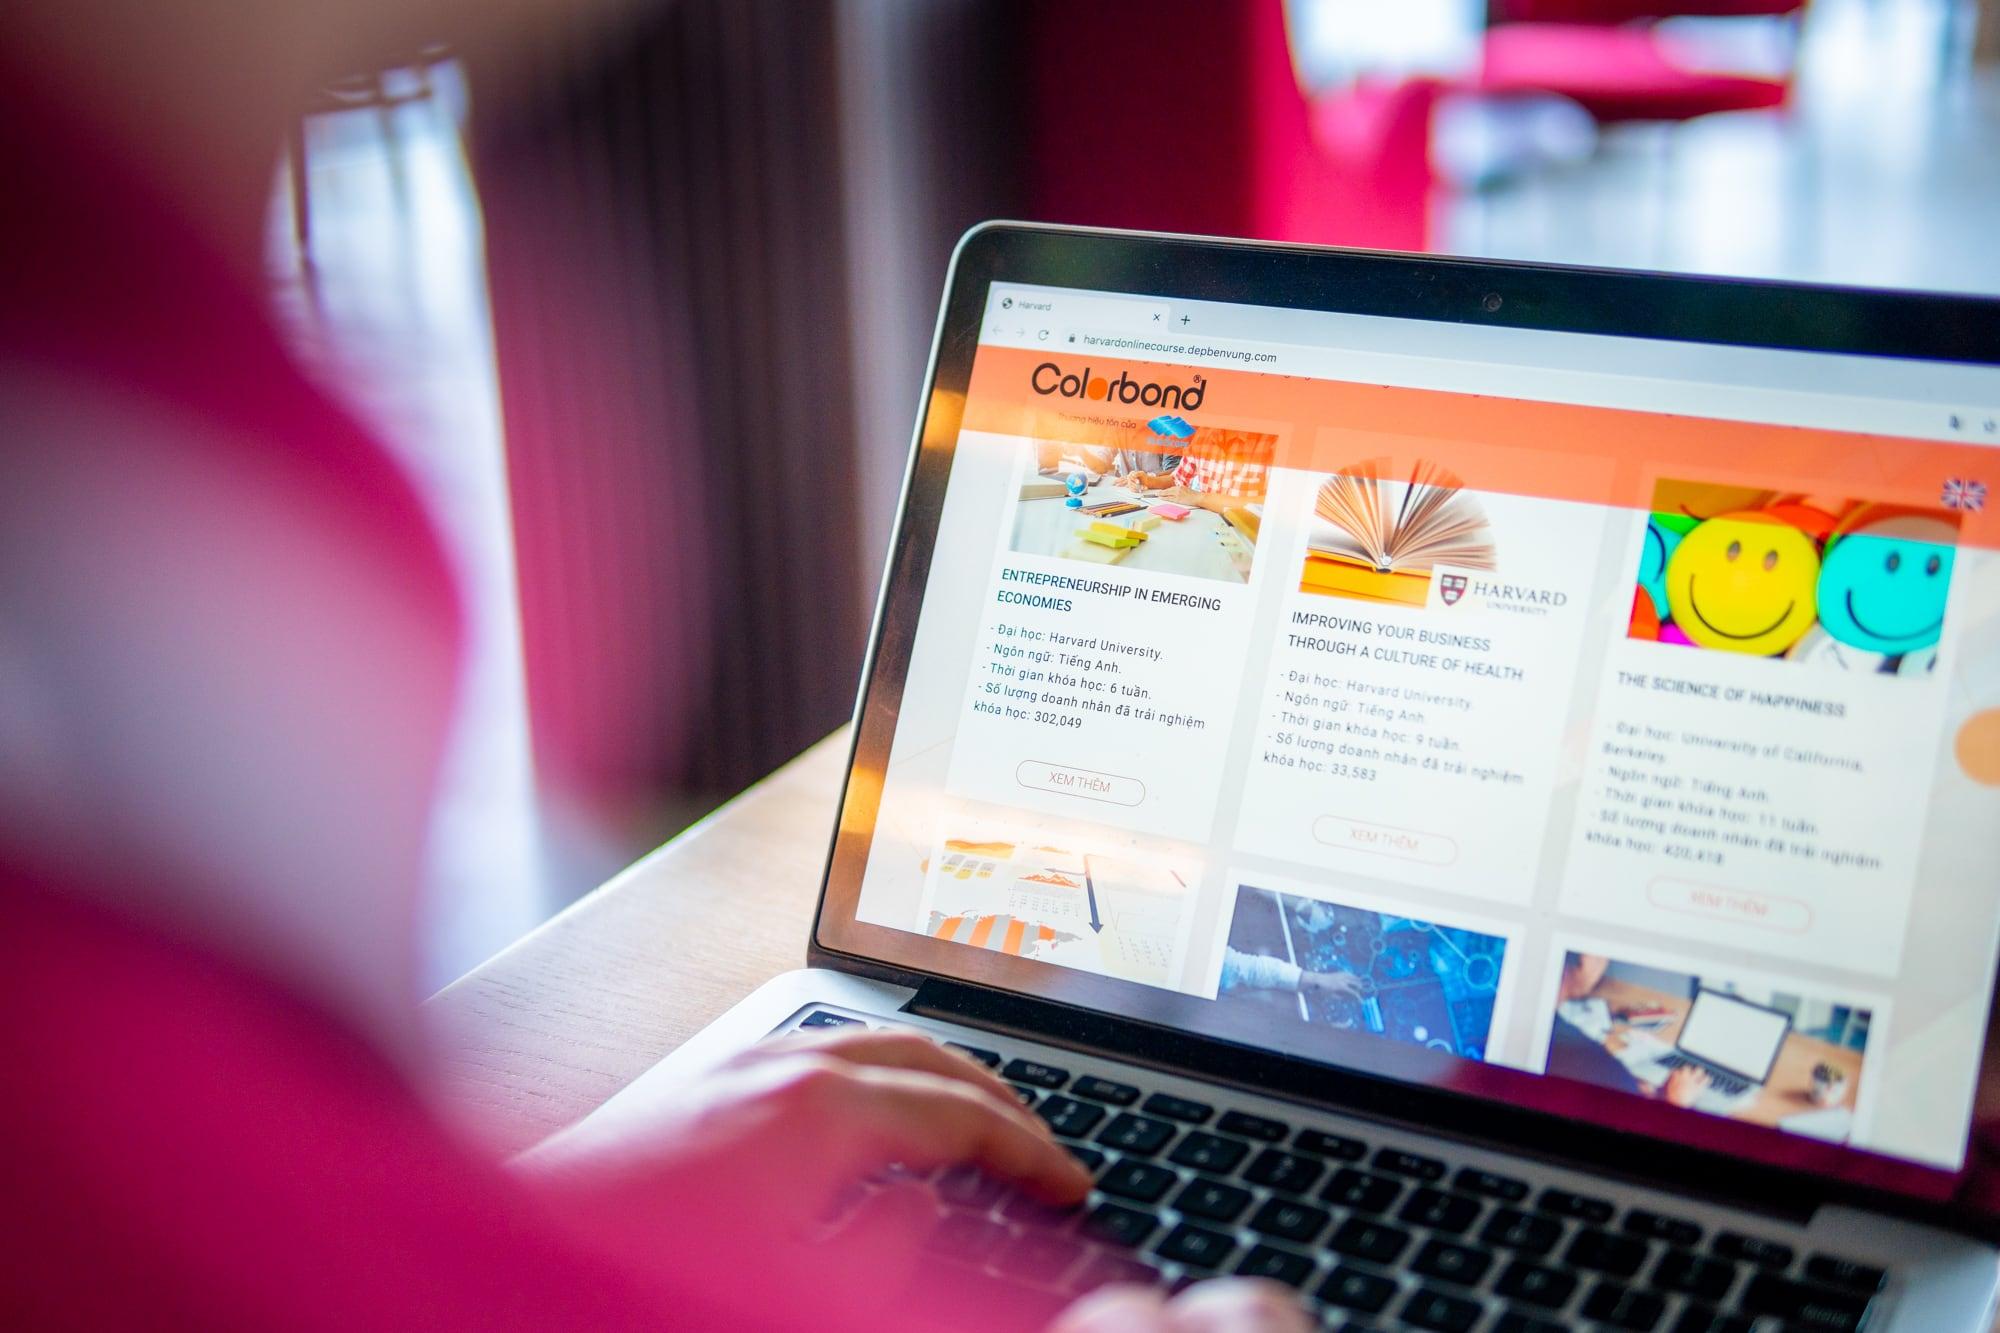 6 Khoá học online về kinh doanh và văn hóa doanh nghiệp dành cho nhà quản lý và lãnh đạo